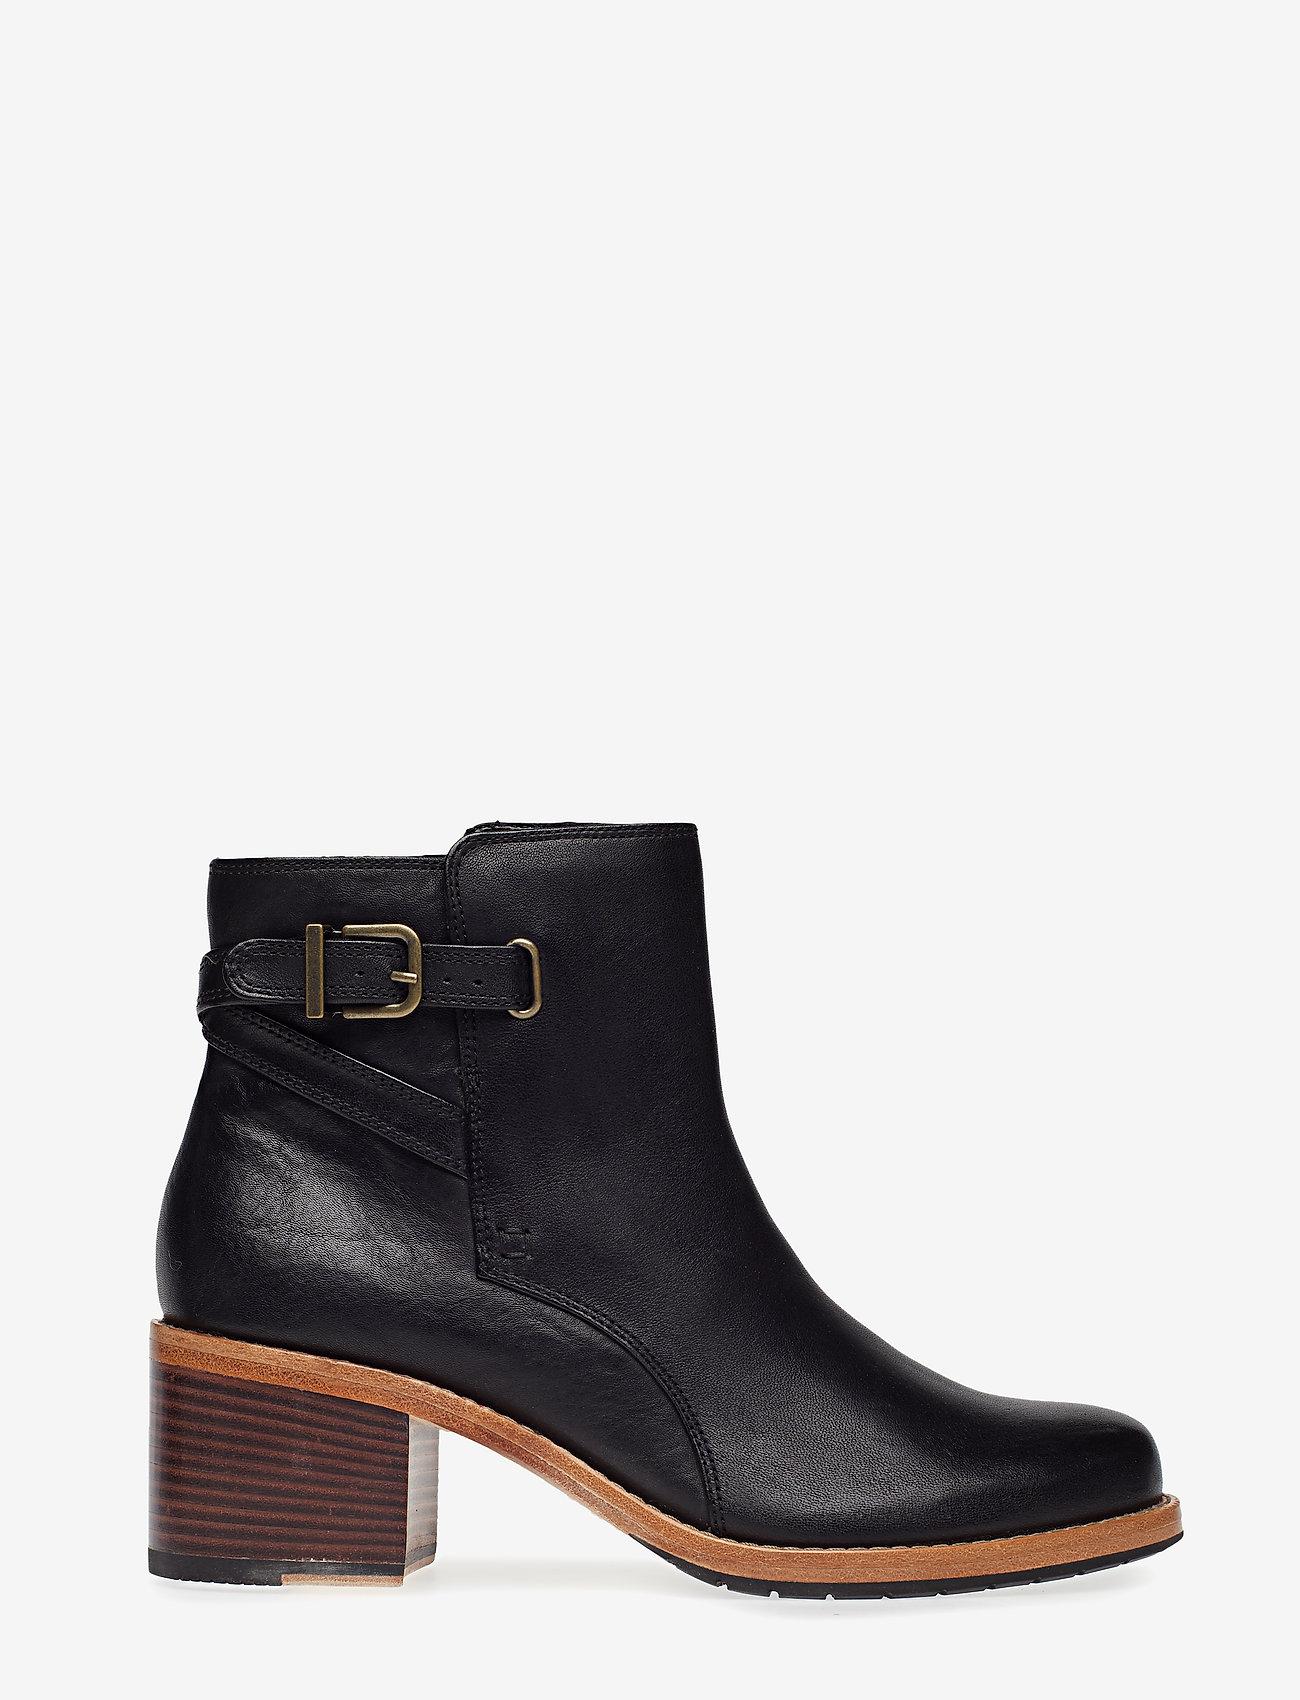 Clarks - Clarkdale Jax - ankelstøvler med hæl - black leather - 1